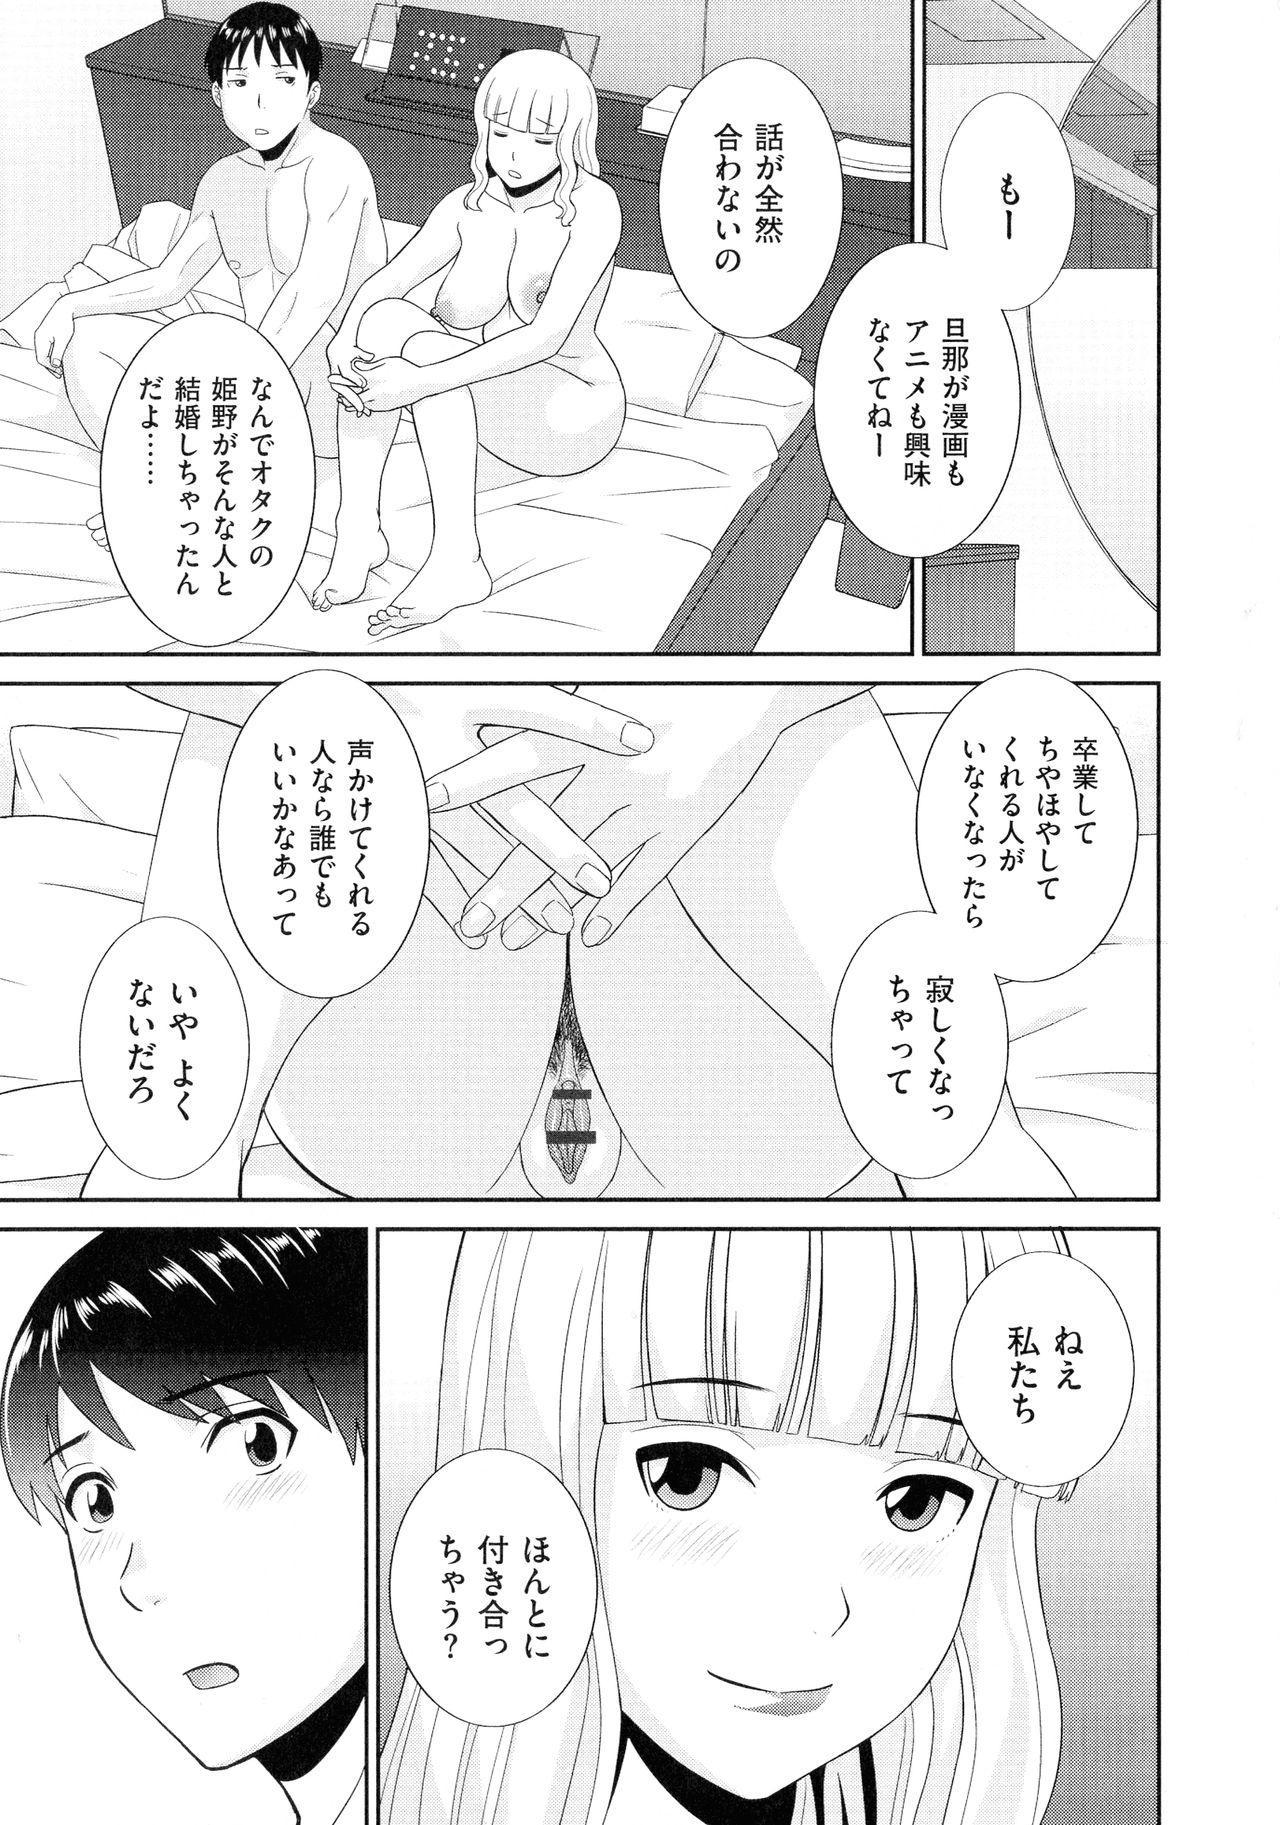 Tennen Torokeru Hatsujozuma 129